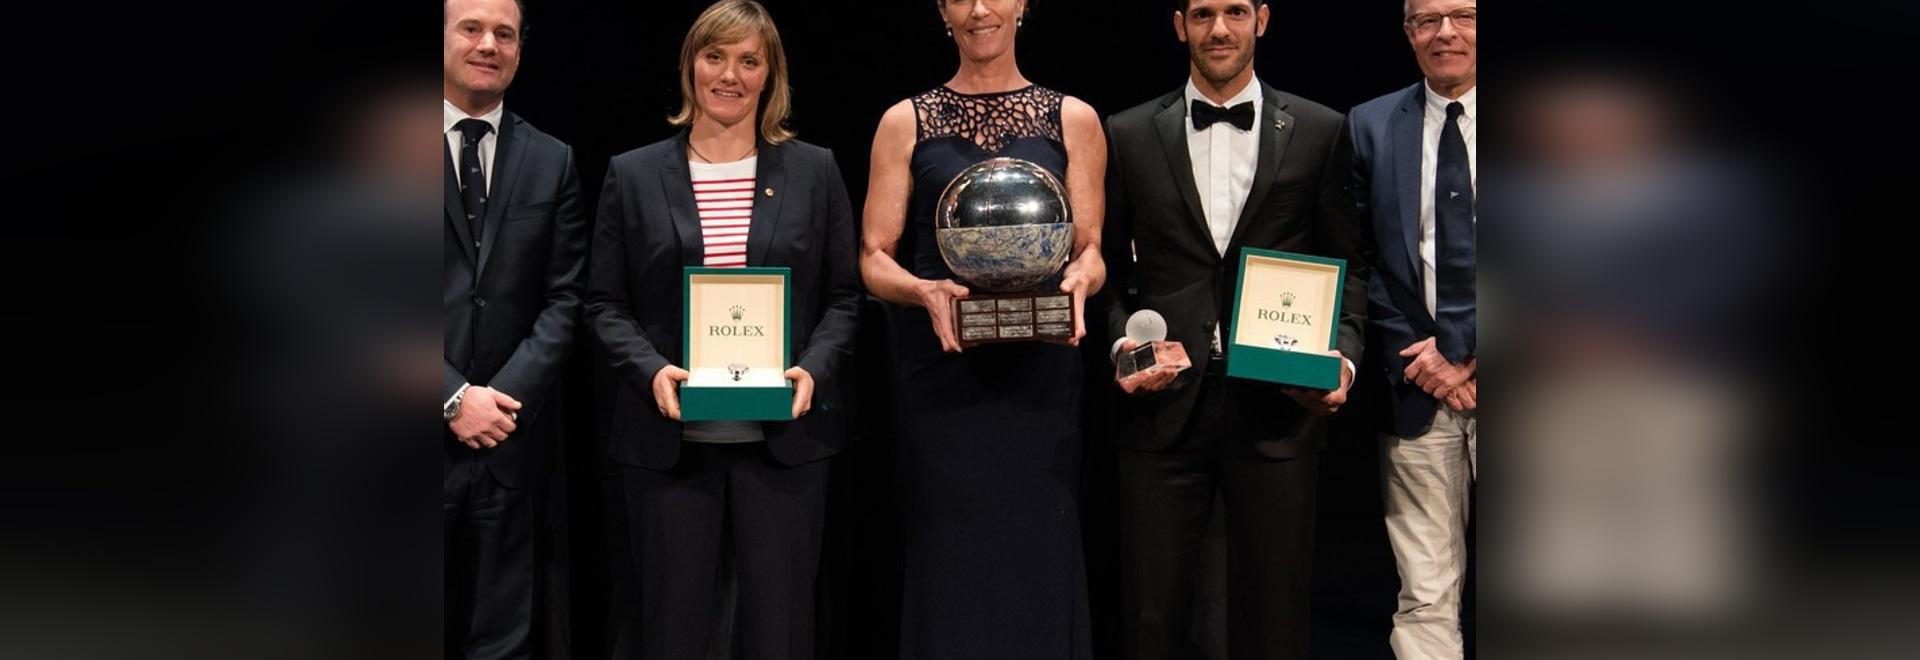 Excelencia reconocida en el mundo 2018 que navega premios